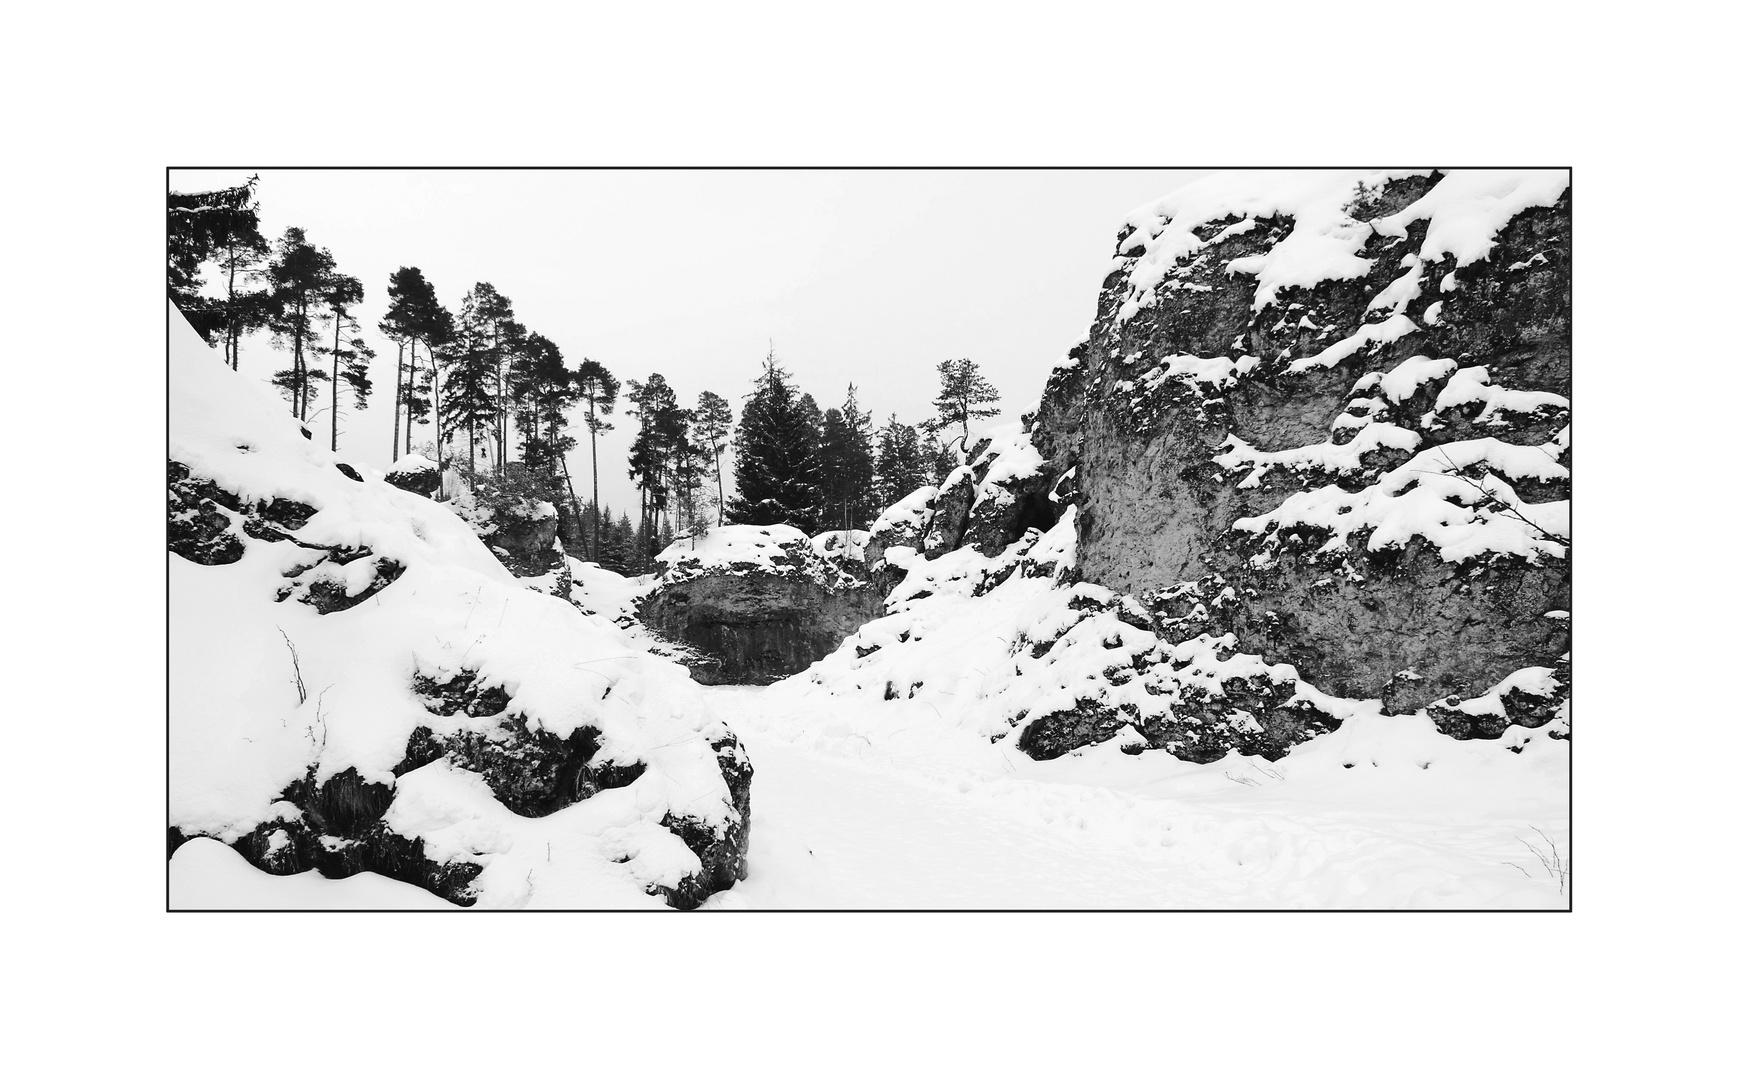 Felsenmeer im Wental - Februar 2013